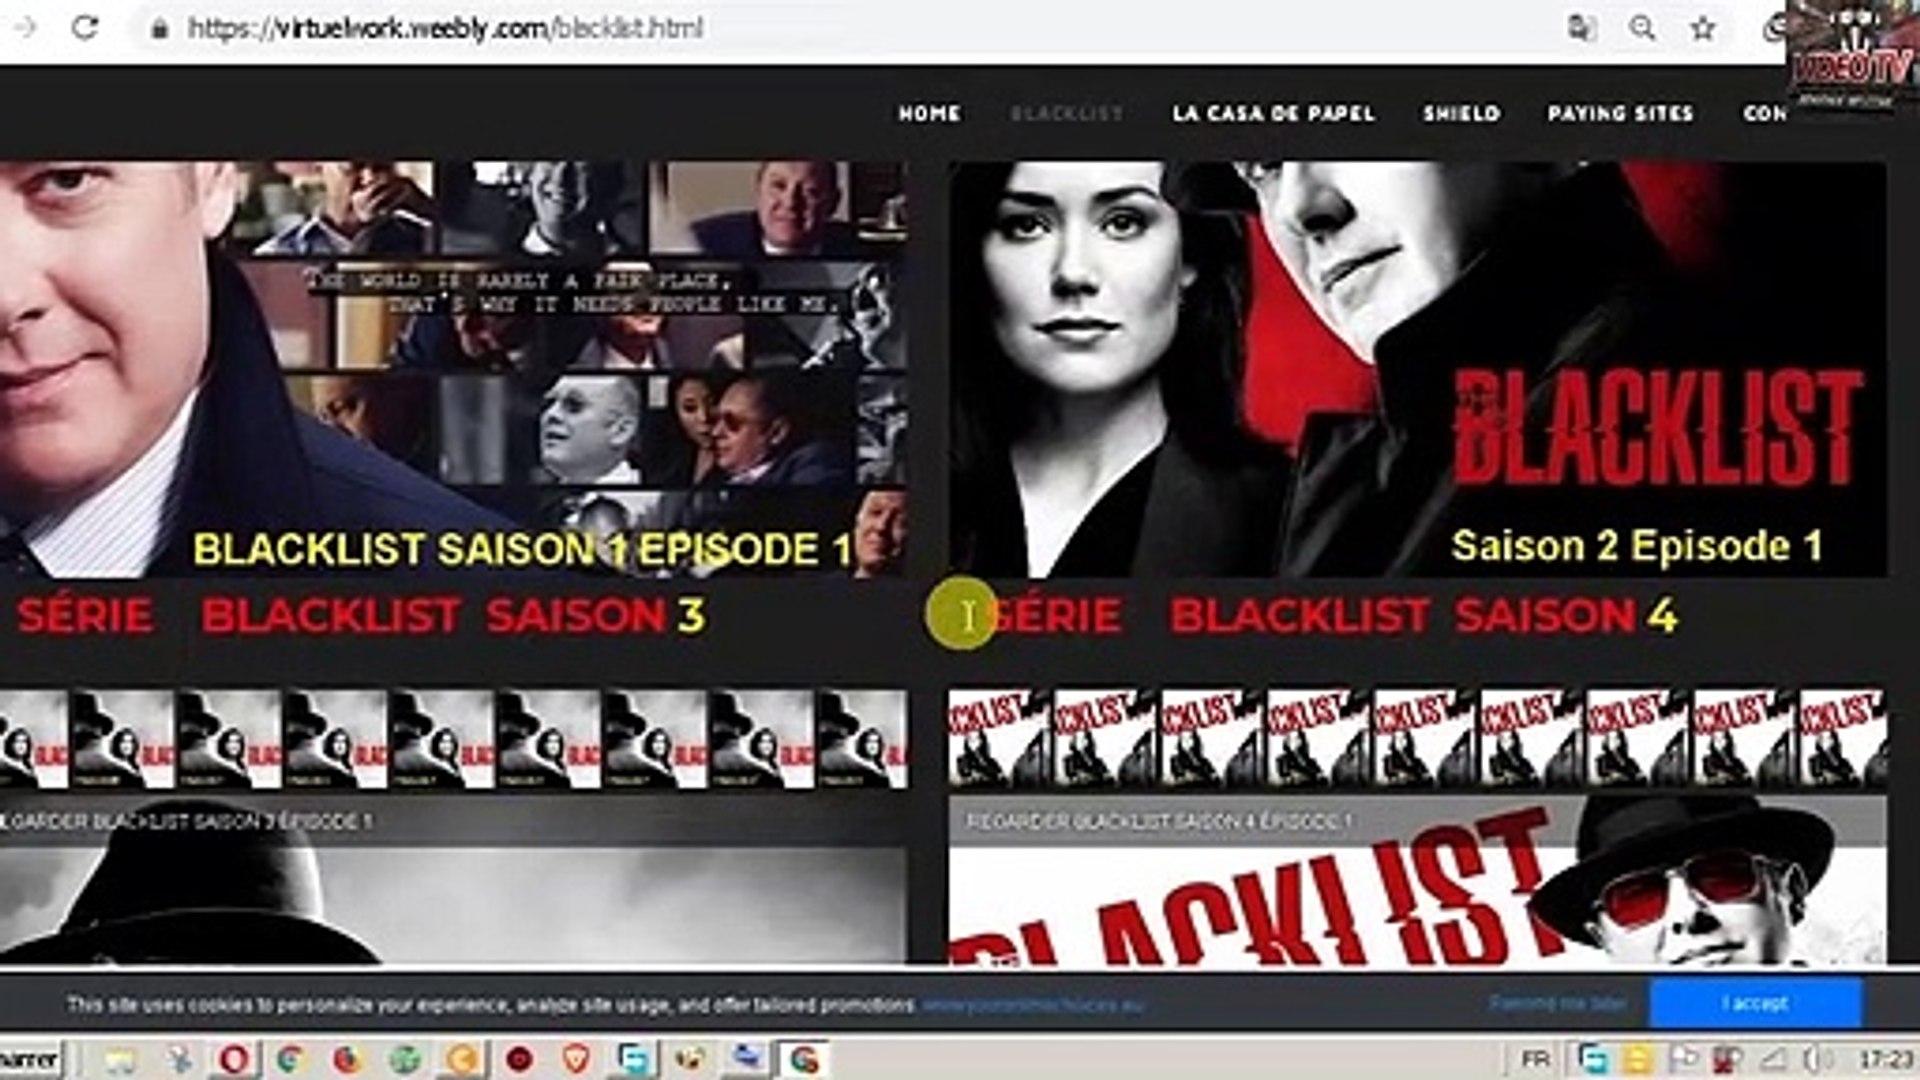 SÉRIE    BLACKLIST  SAISON 4 complete